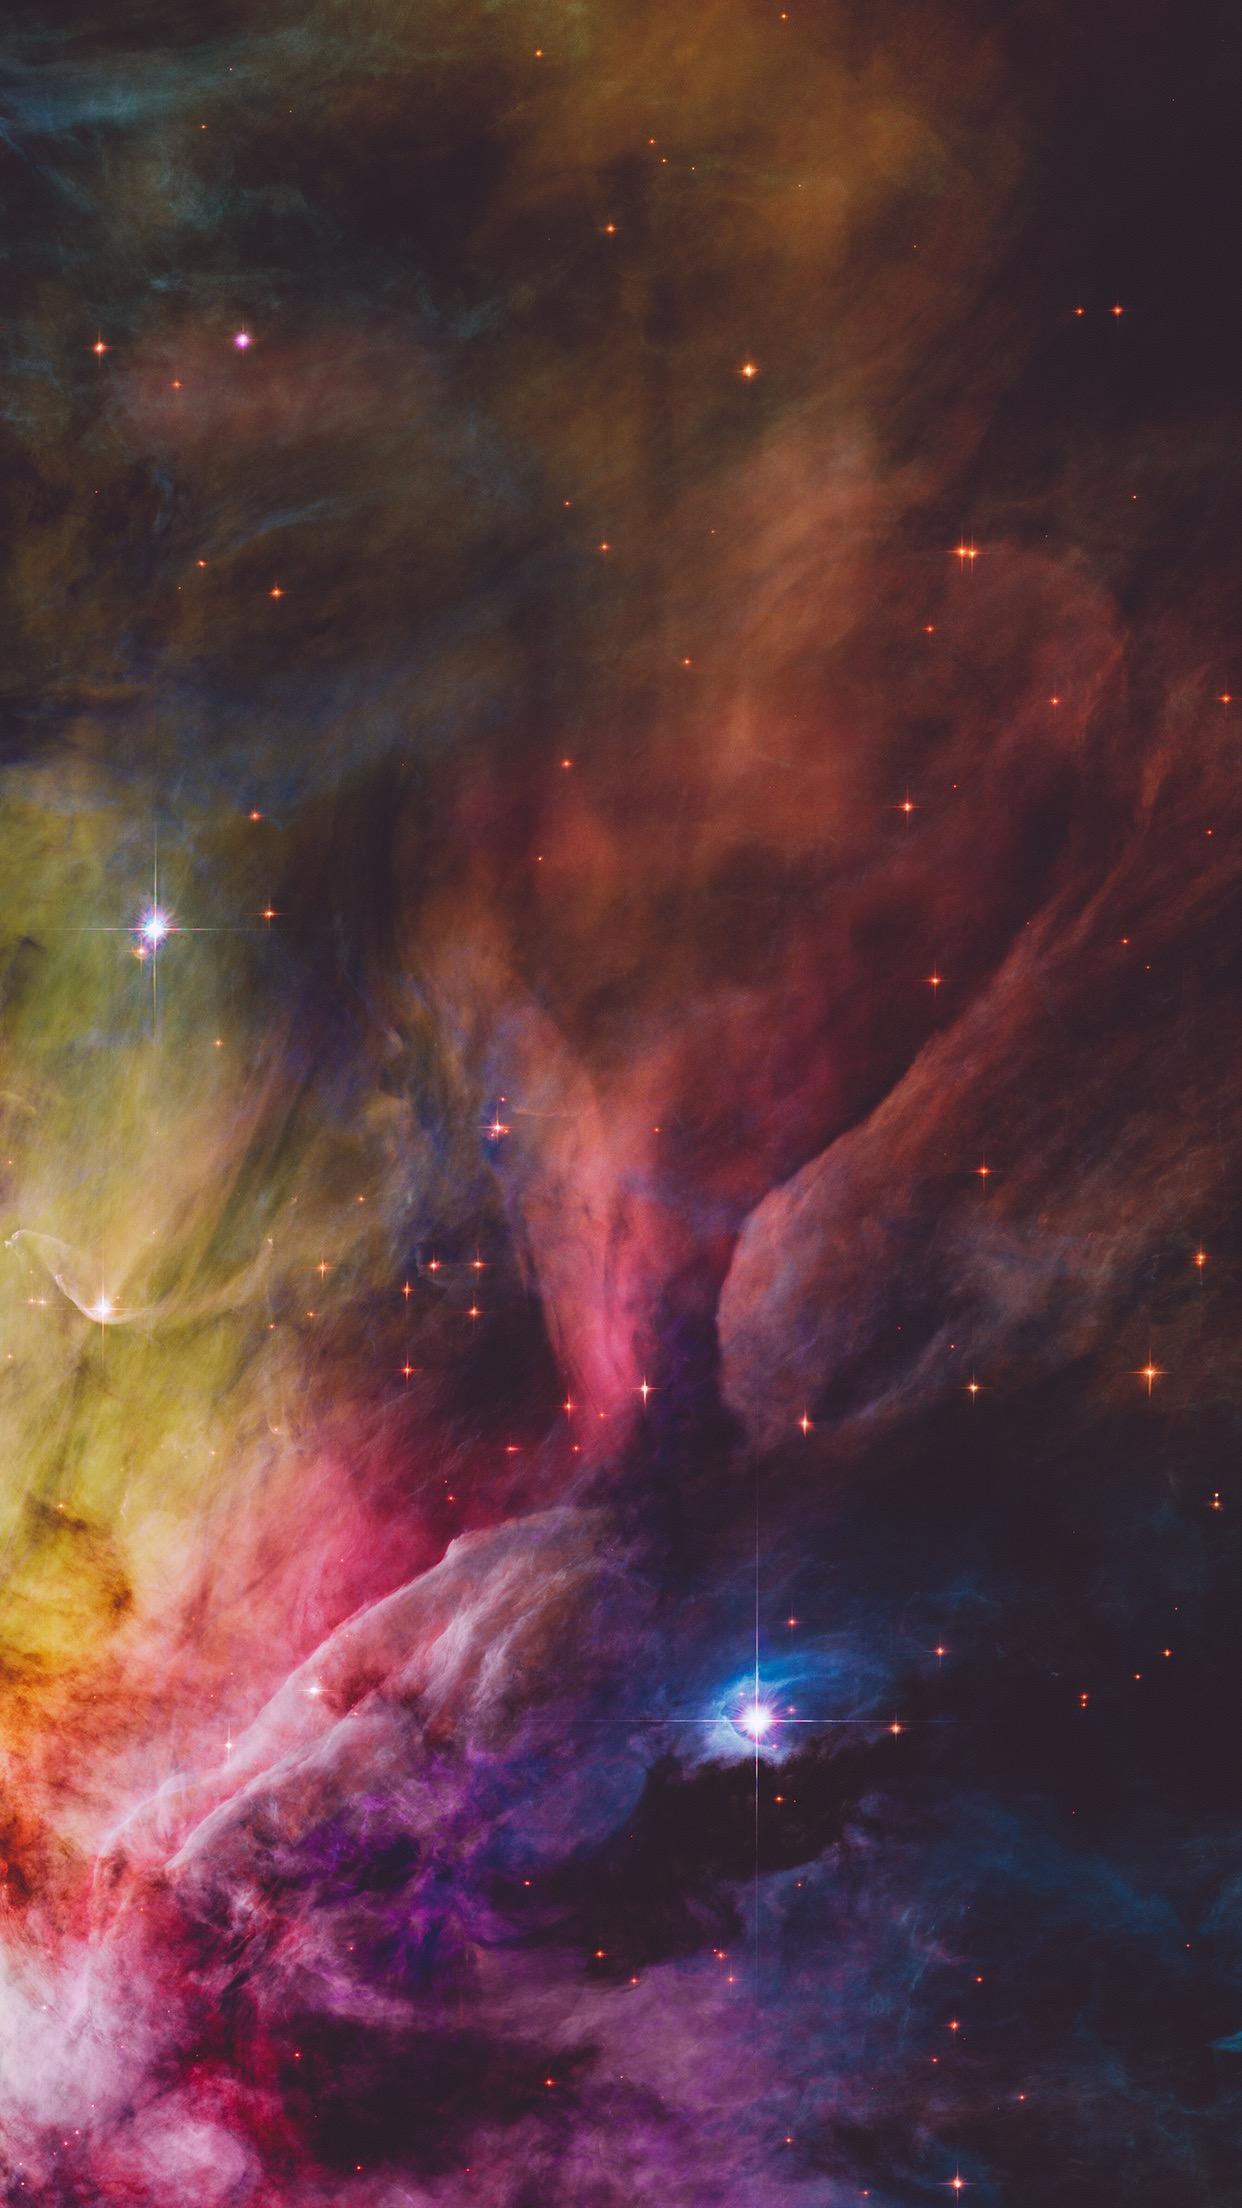 очень красивые картинки космос вертикальные просьба